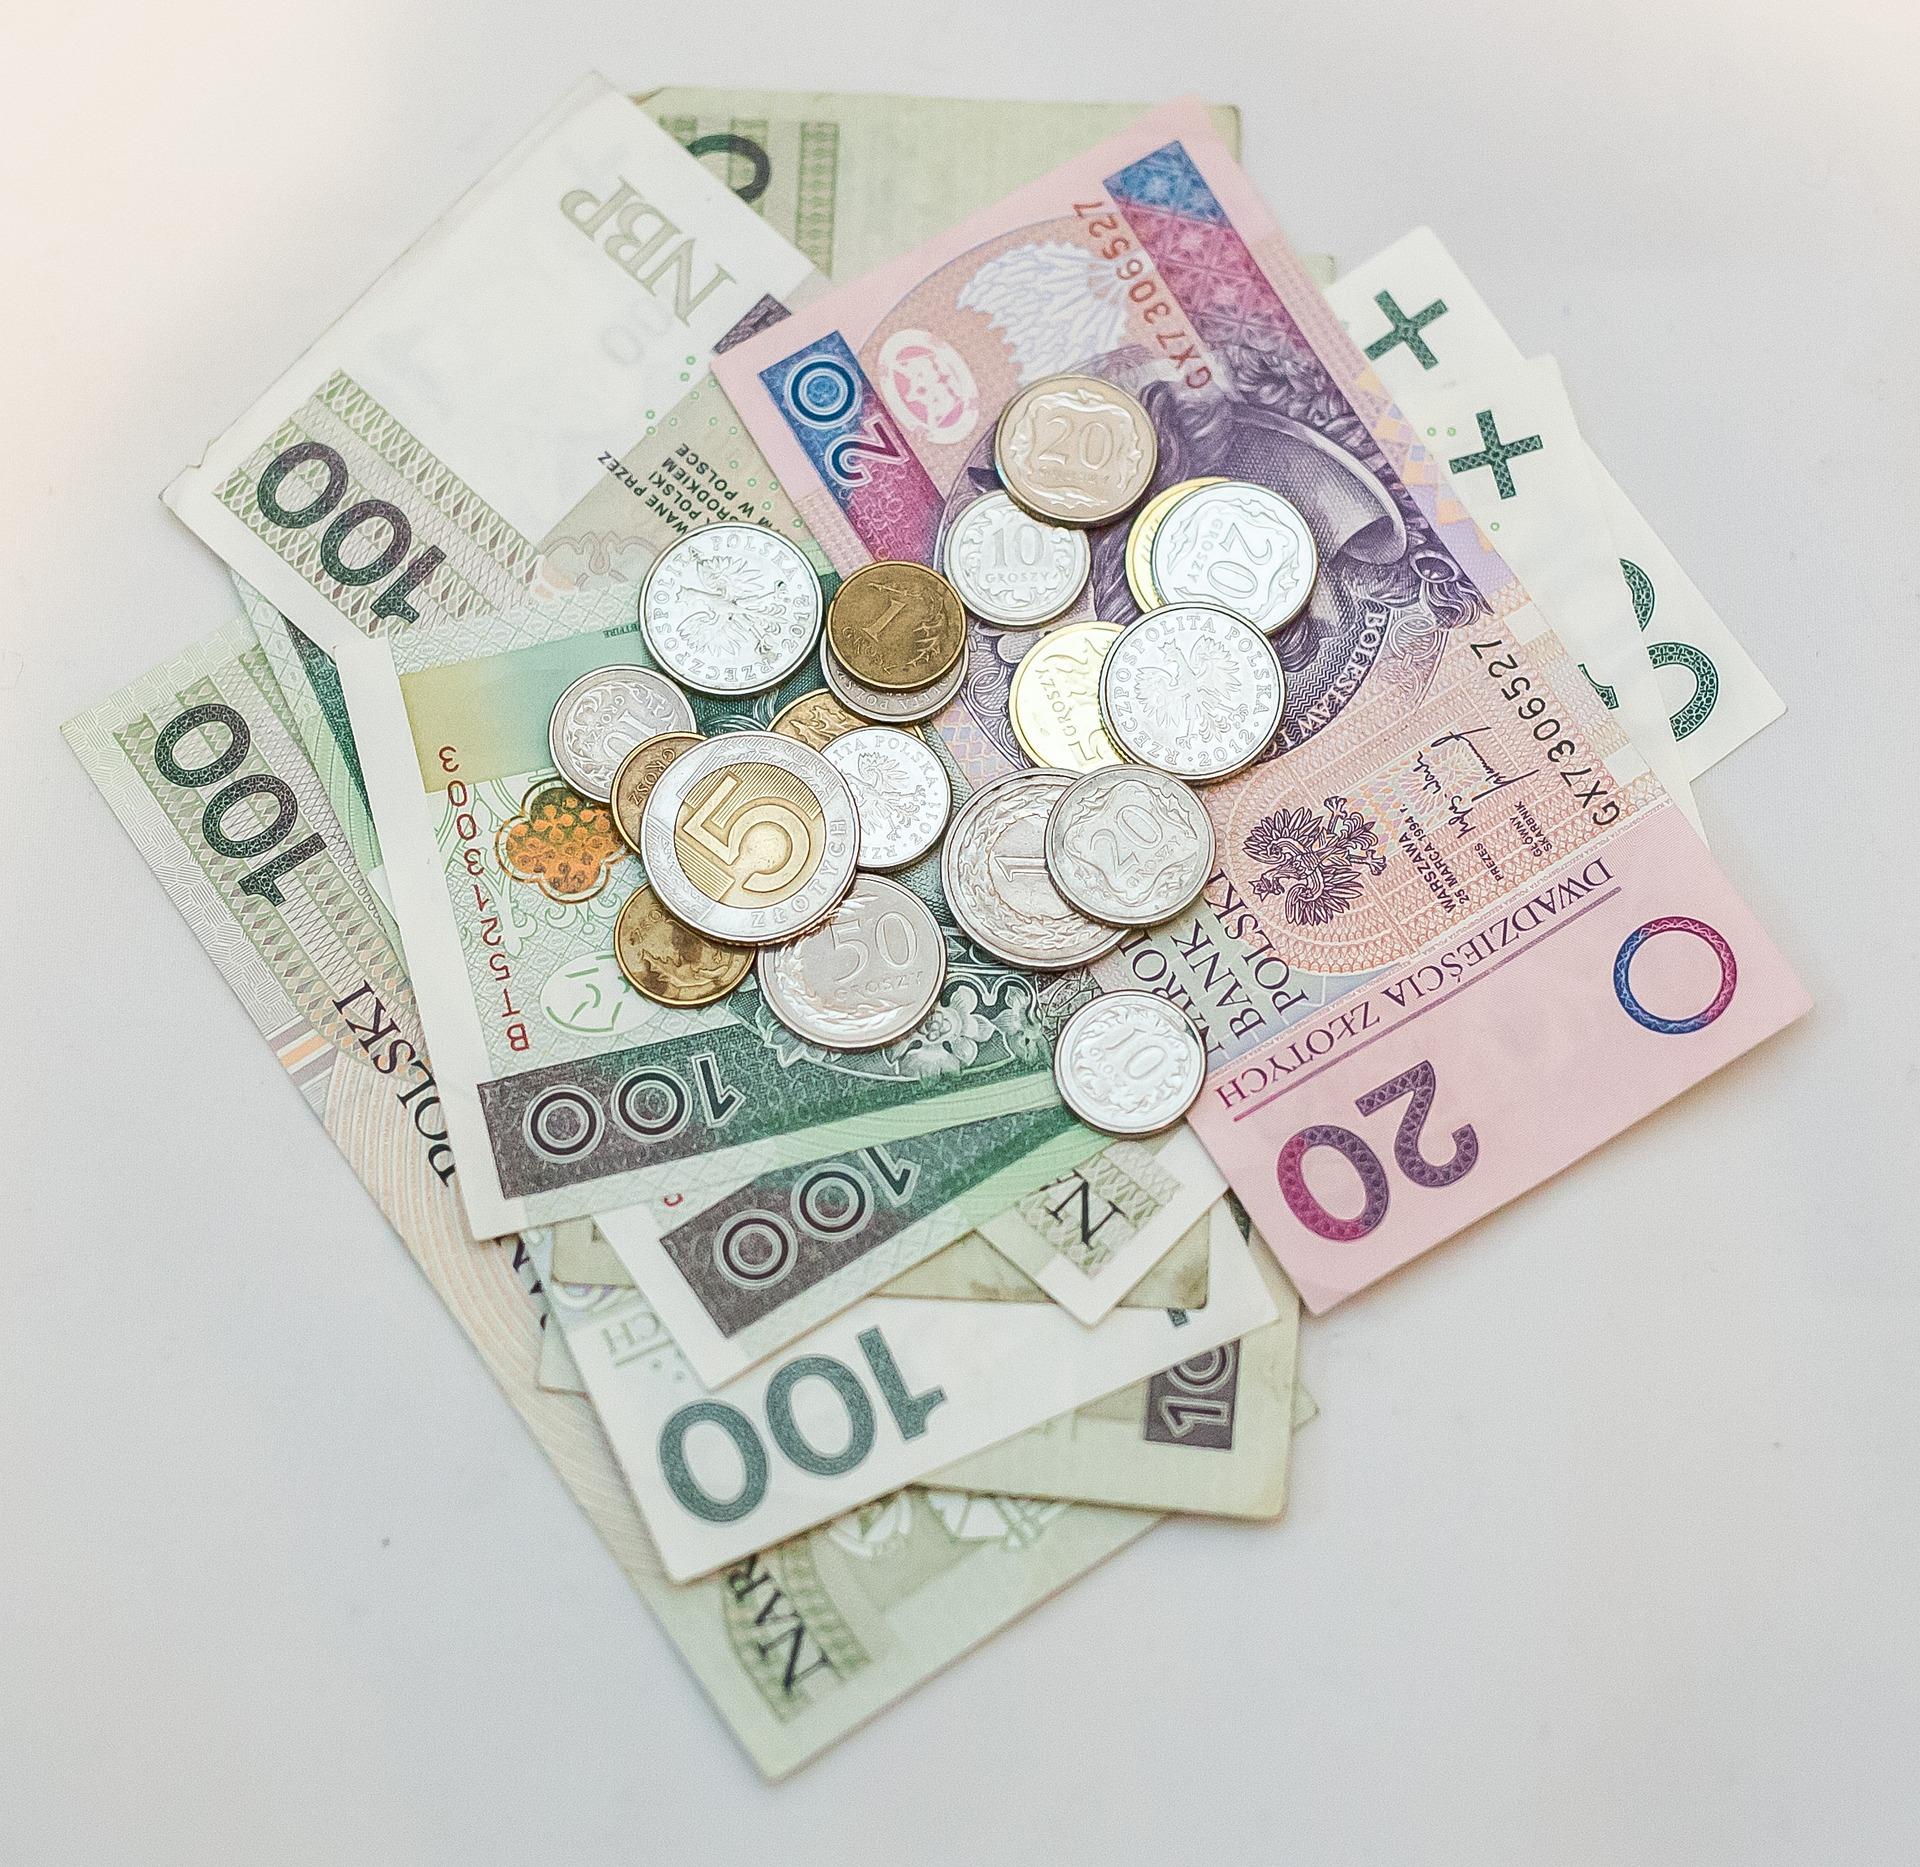 Konfederacja Lewiatana: 53% firm chce utrzymania płacy minimalnej na obecnym poziomie